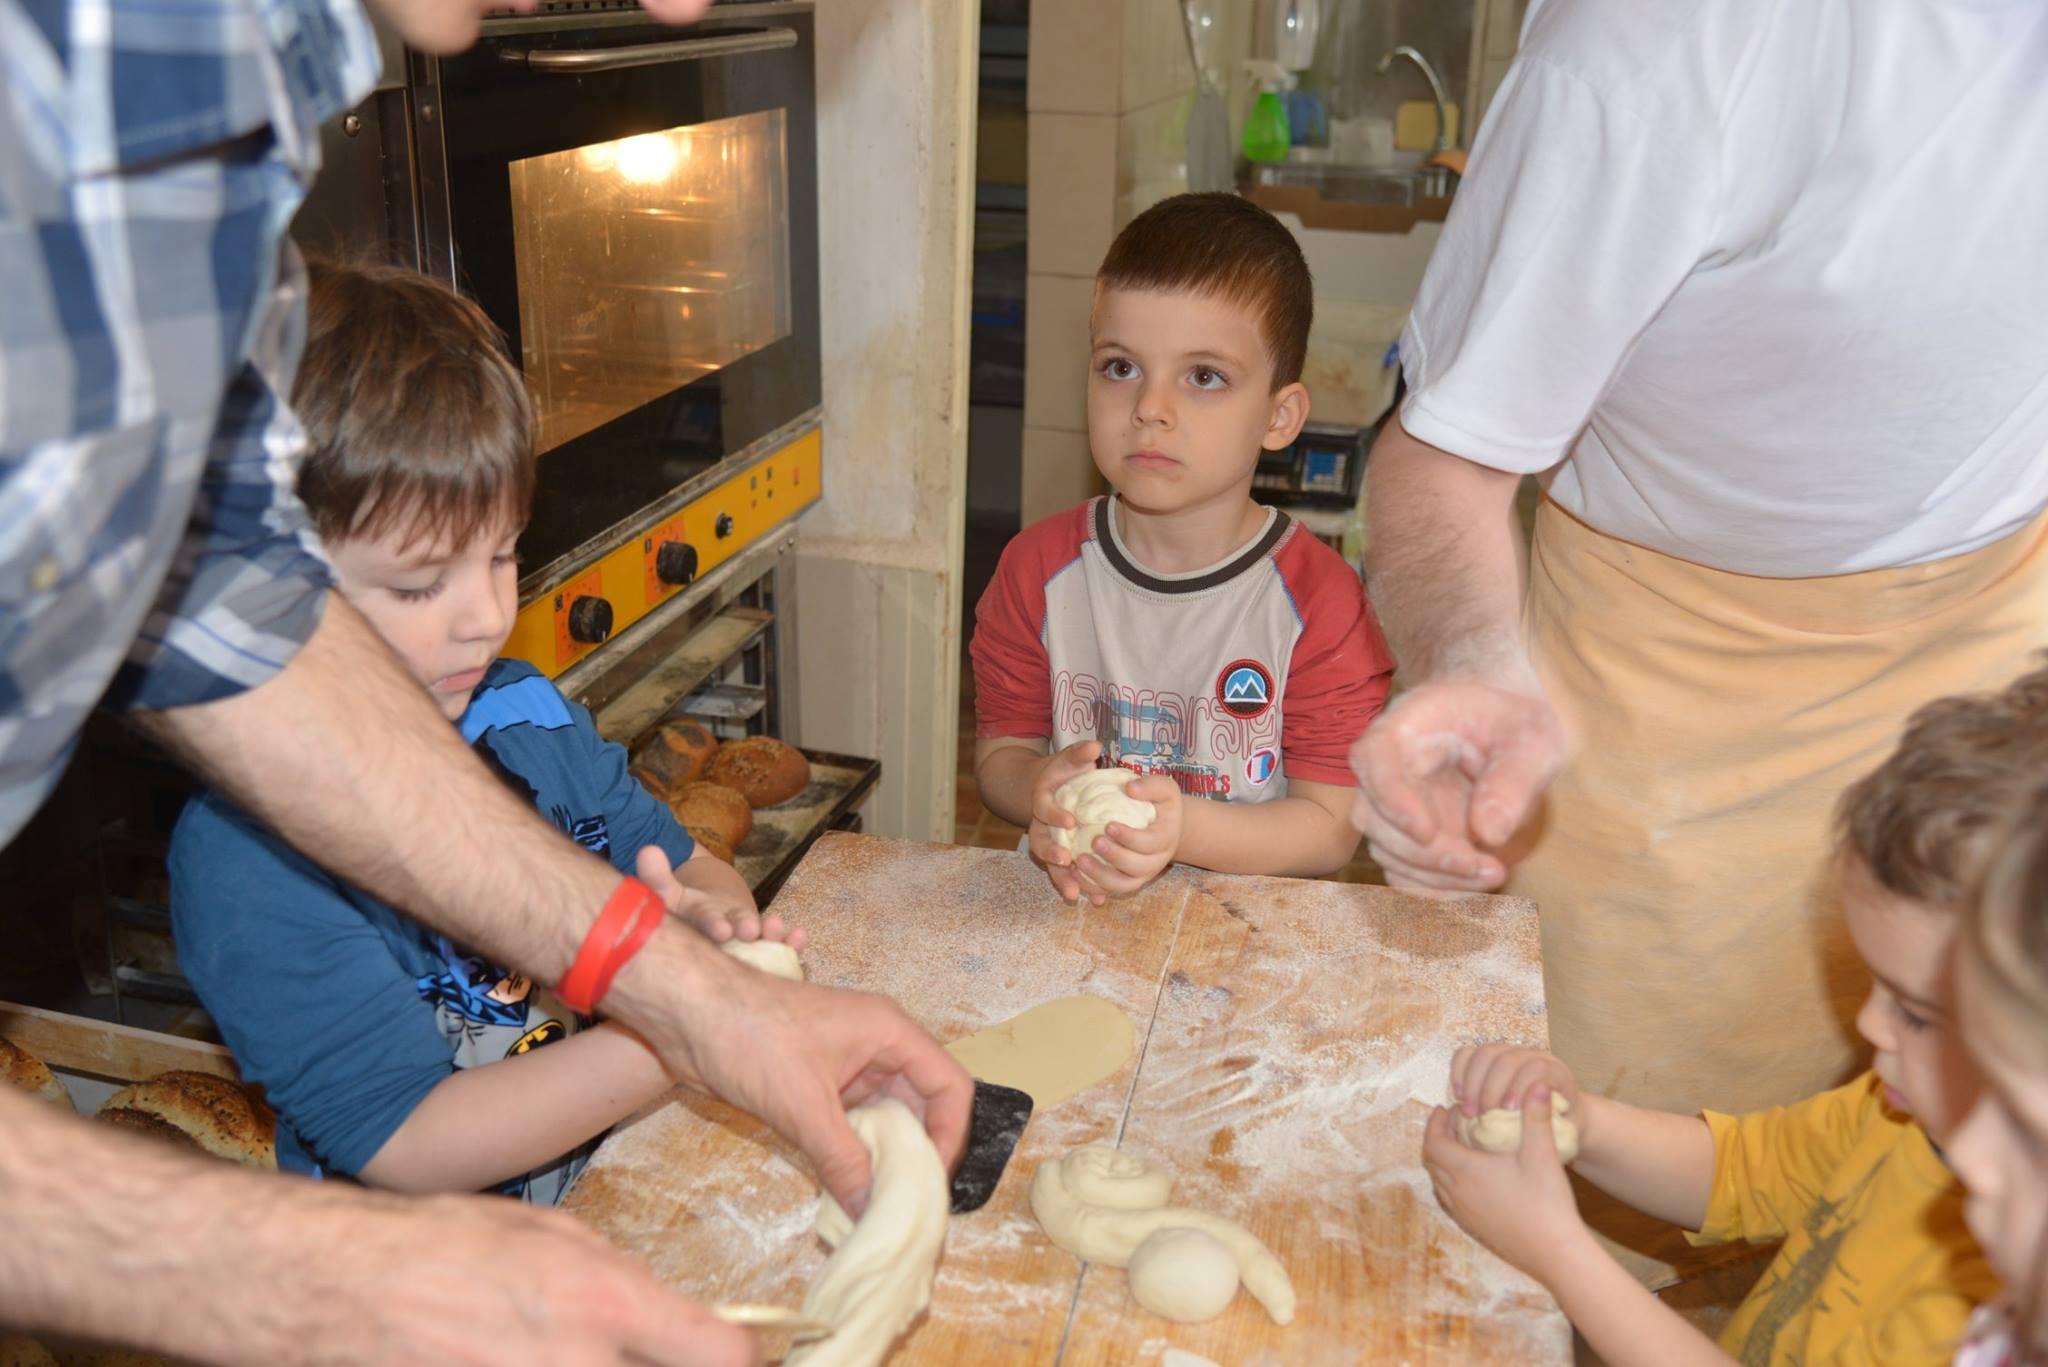 activitatisciale-scoalaaltfel-apr2015_17